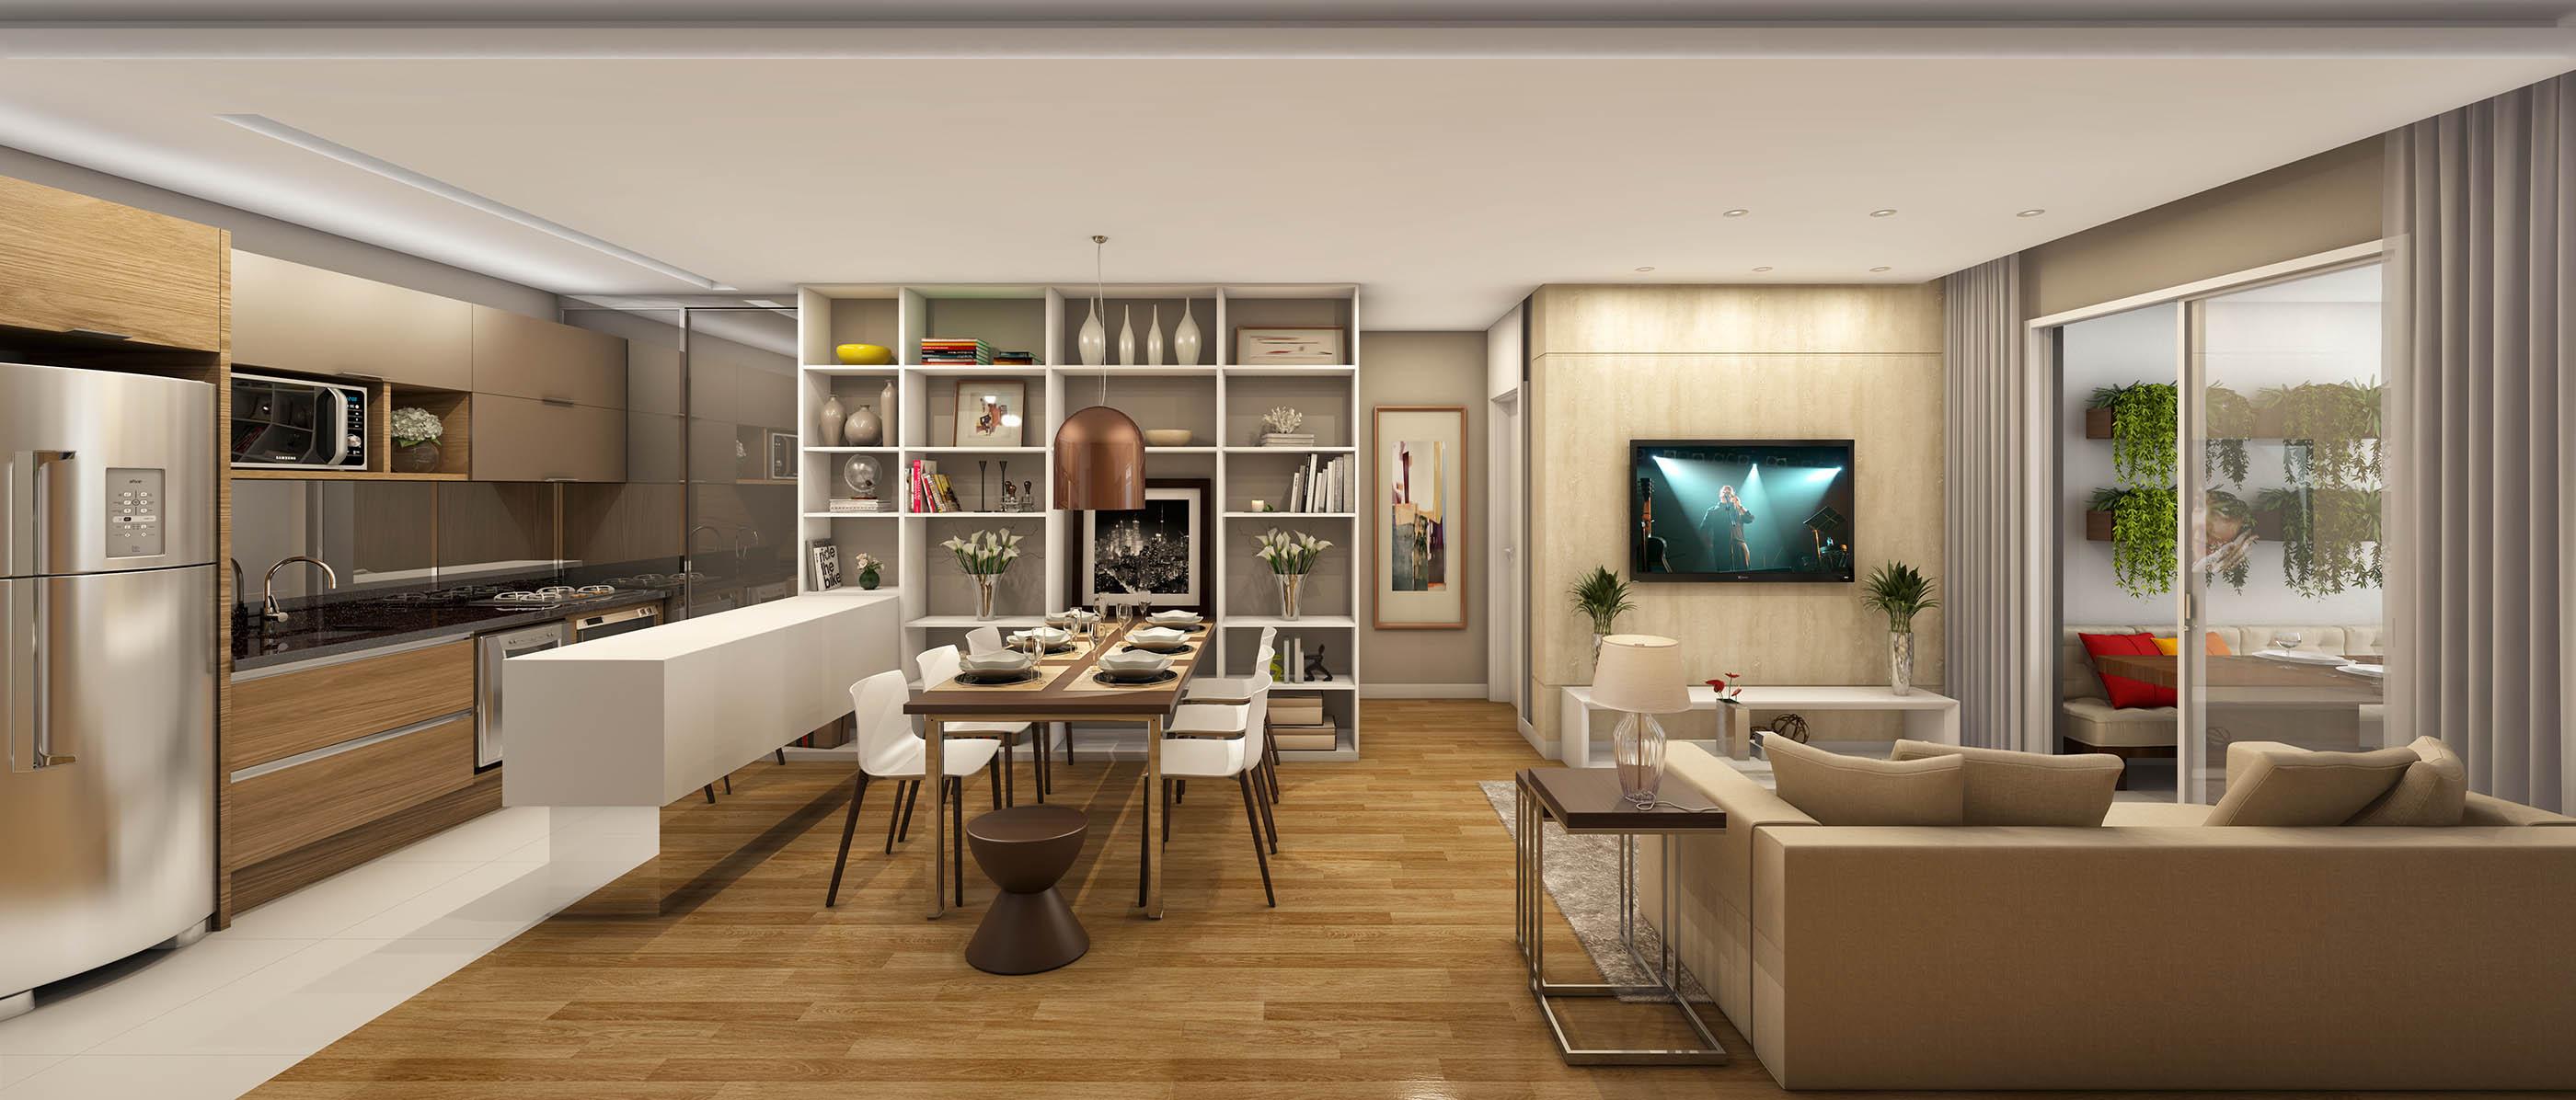 Cozinhas De Luxo Veja 50 Modelos Lindos E Luxuosos